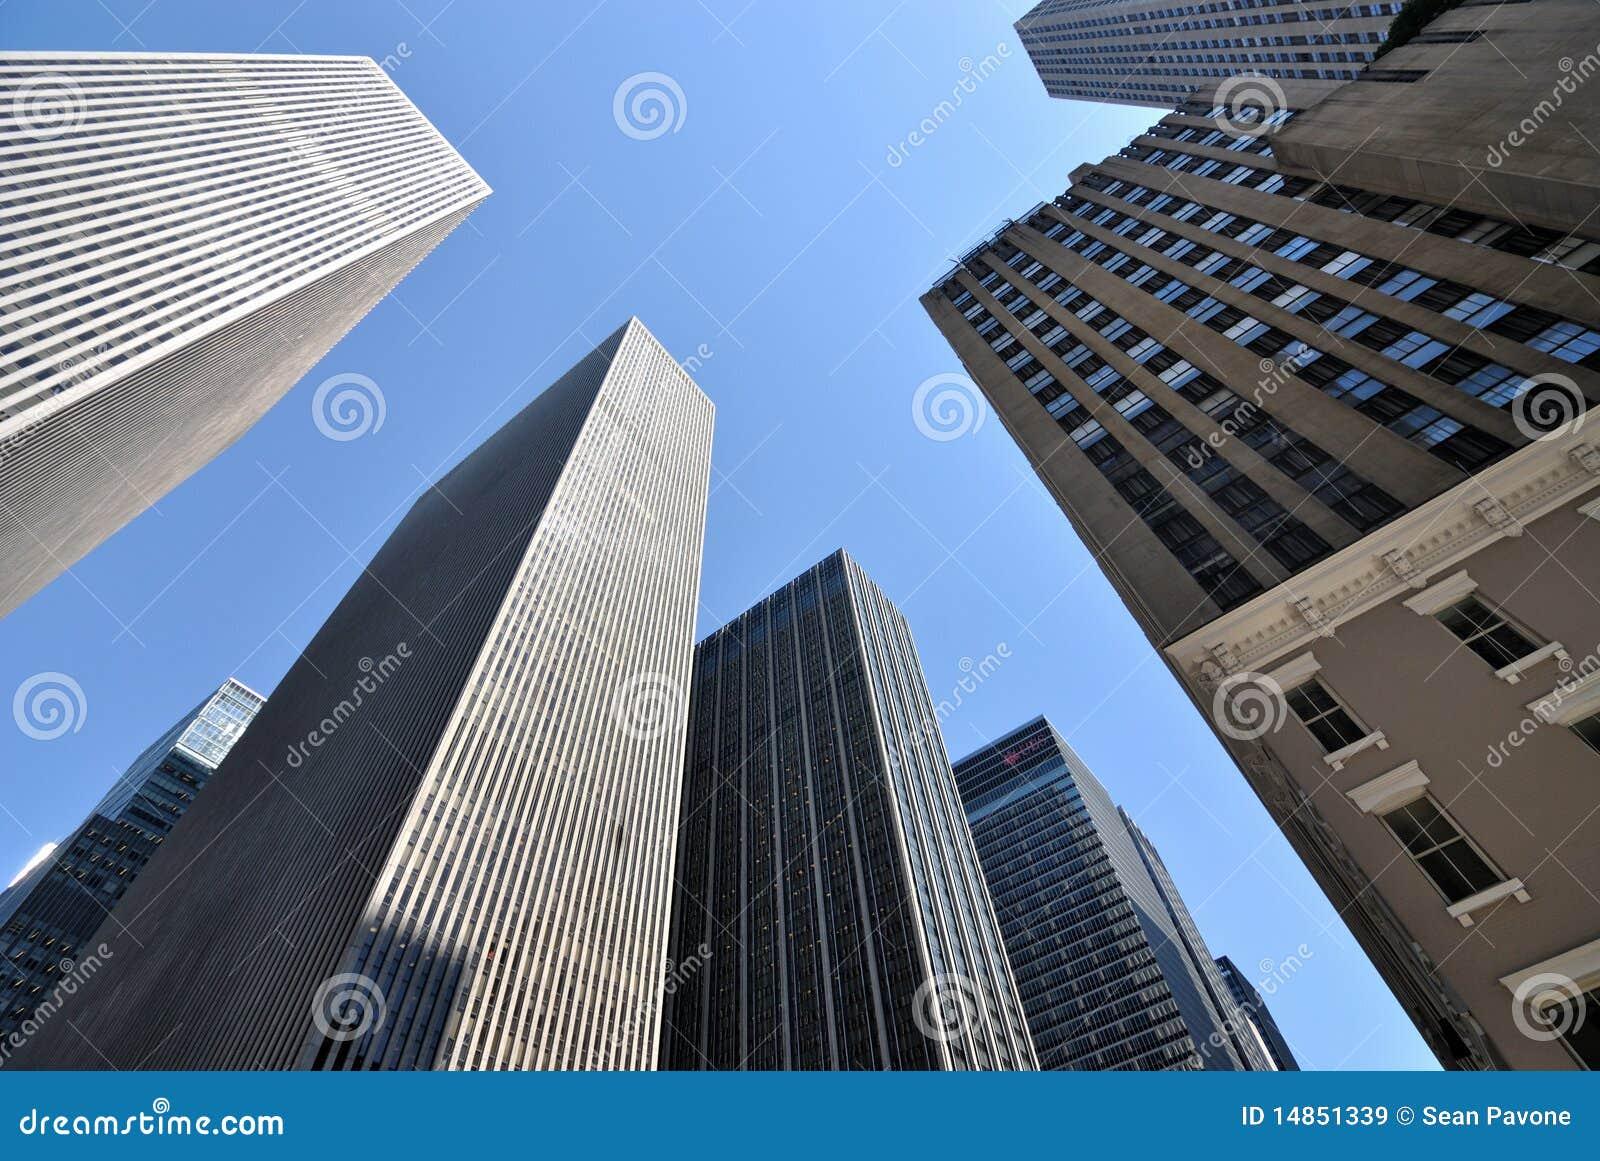 Grattacieli di new york city immagine stock immagine for Immagini grattacieli di new york